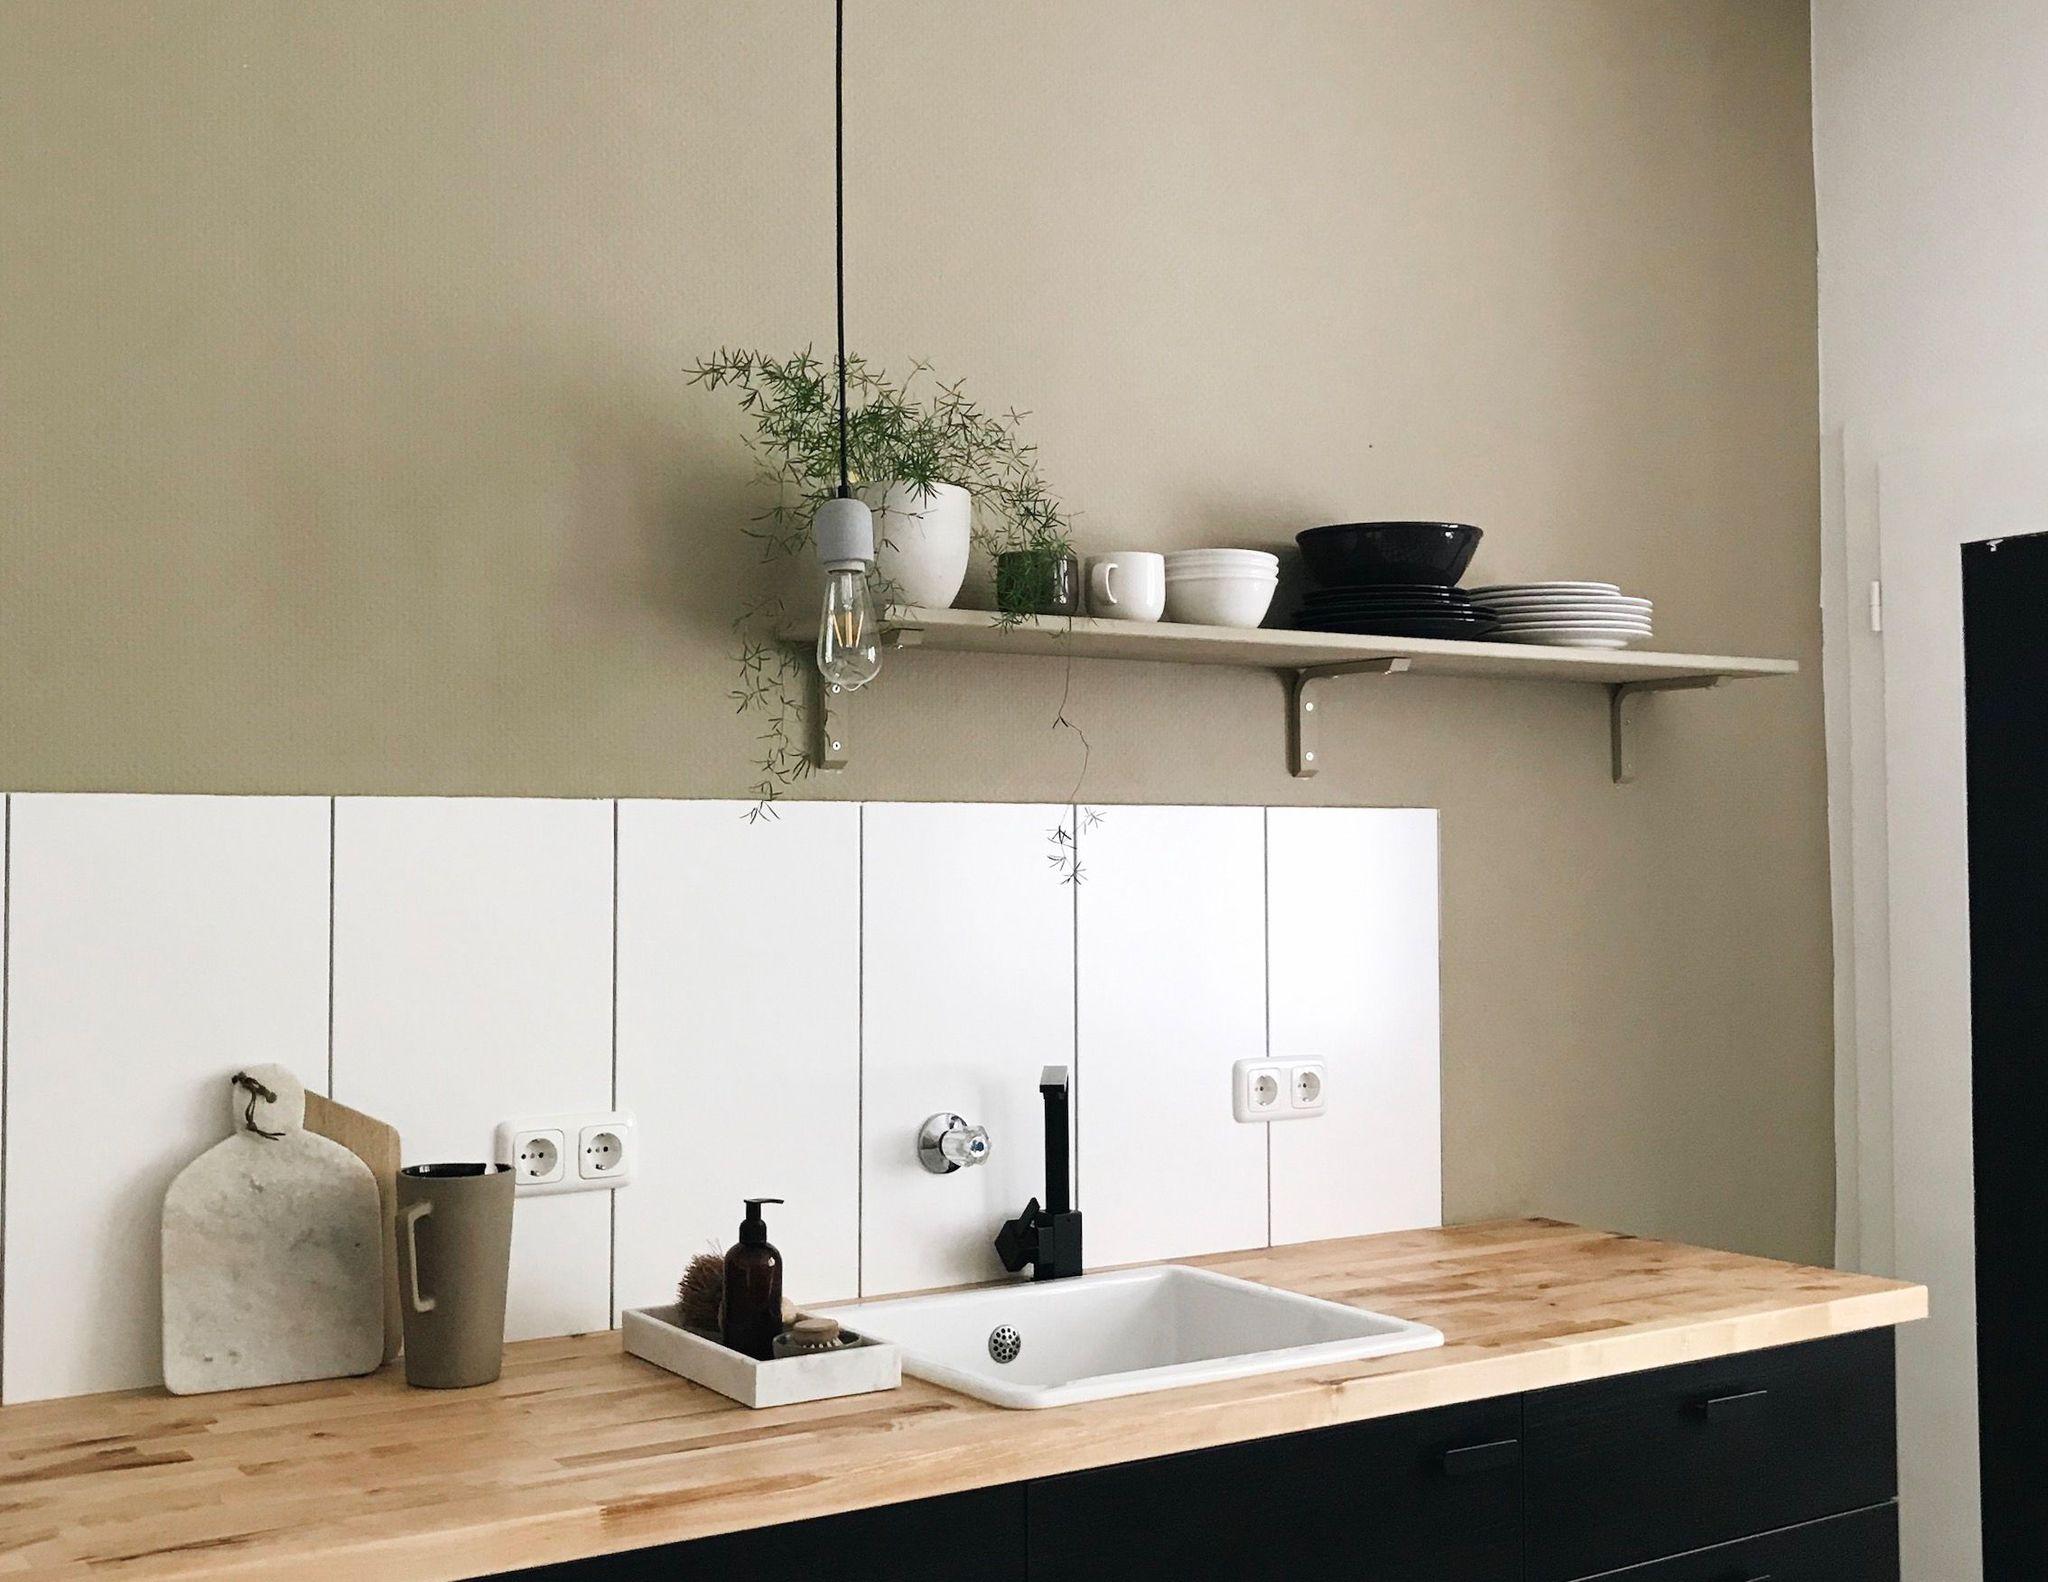 Full Size of Landhausküche Wandfarbe Grau Gebraucht Weiß Weisse Moderne Wohnzimmer Landhausküche Wandfarbe